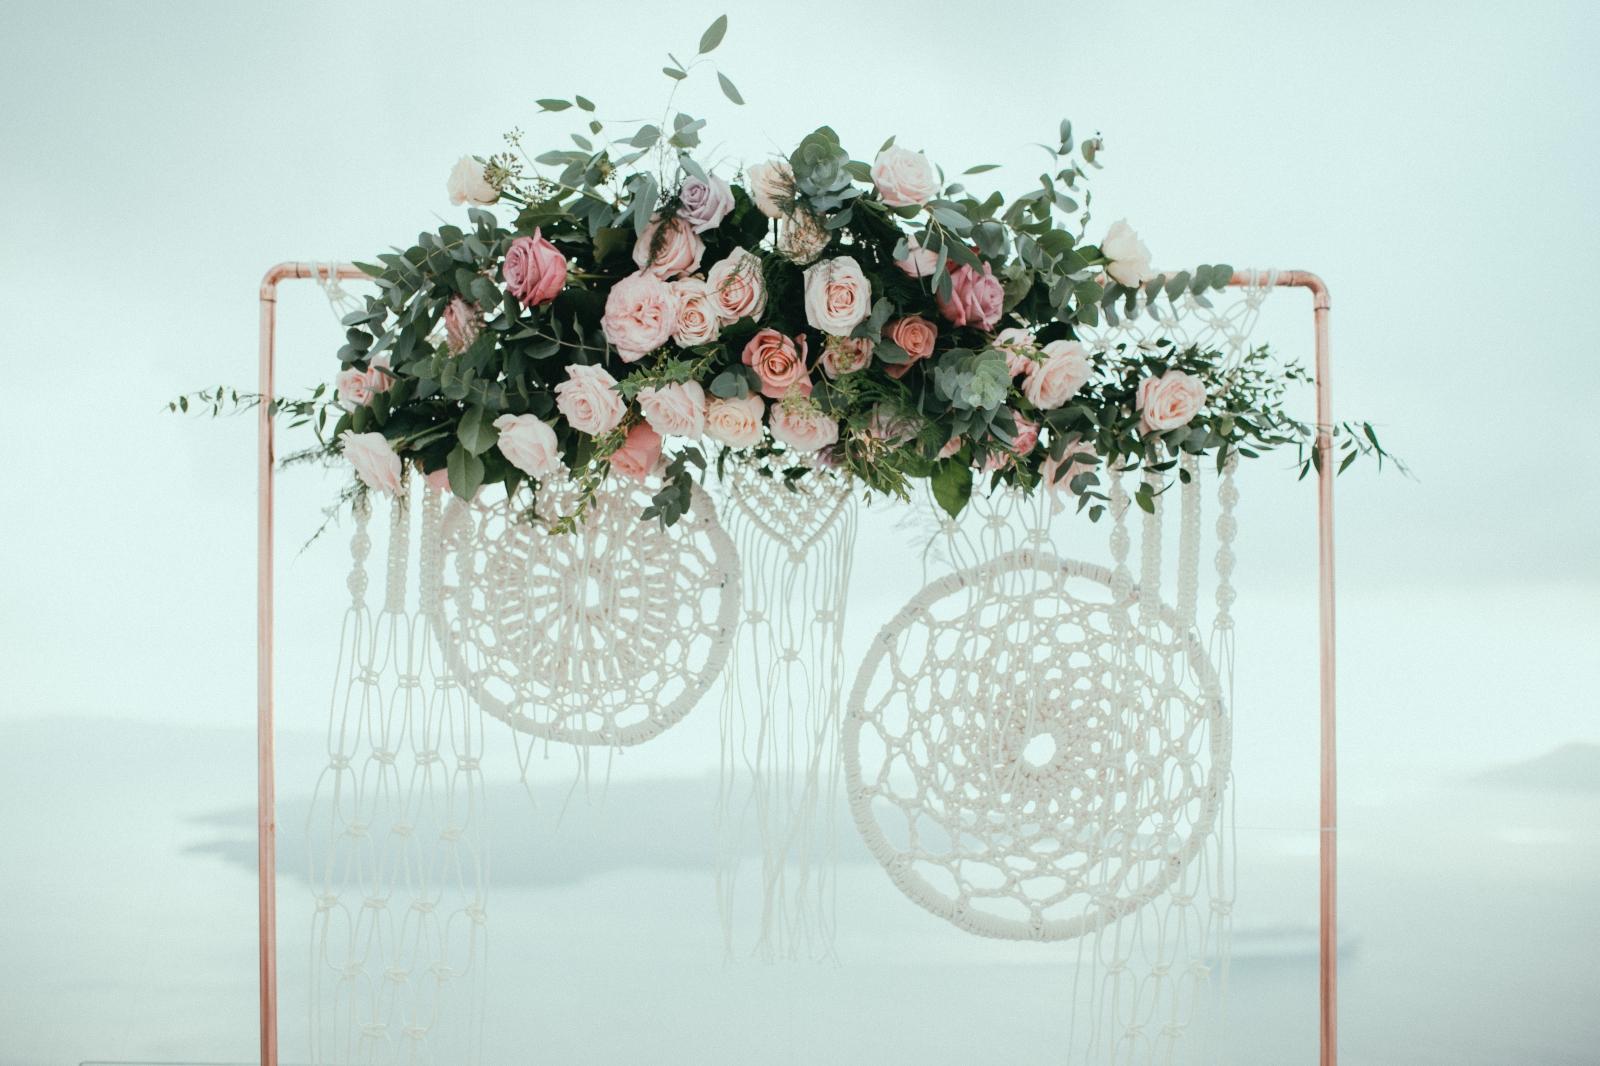 santorini-wedding-photographer46.jpg